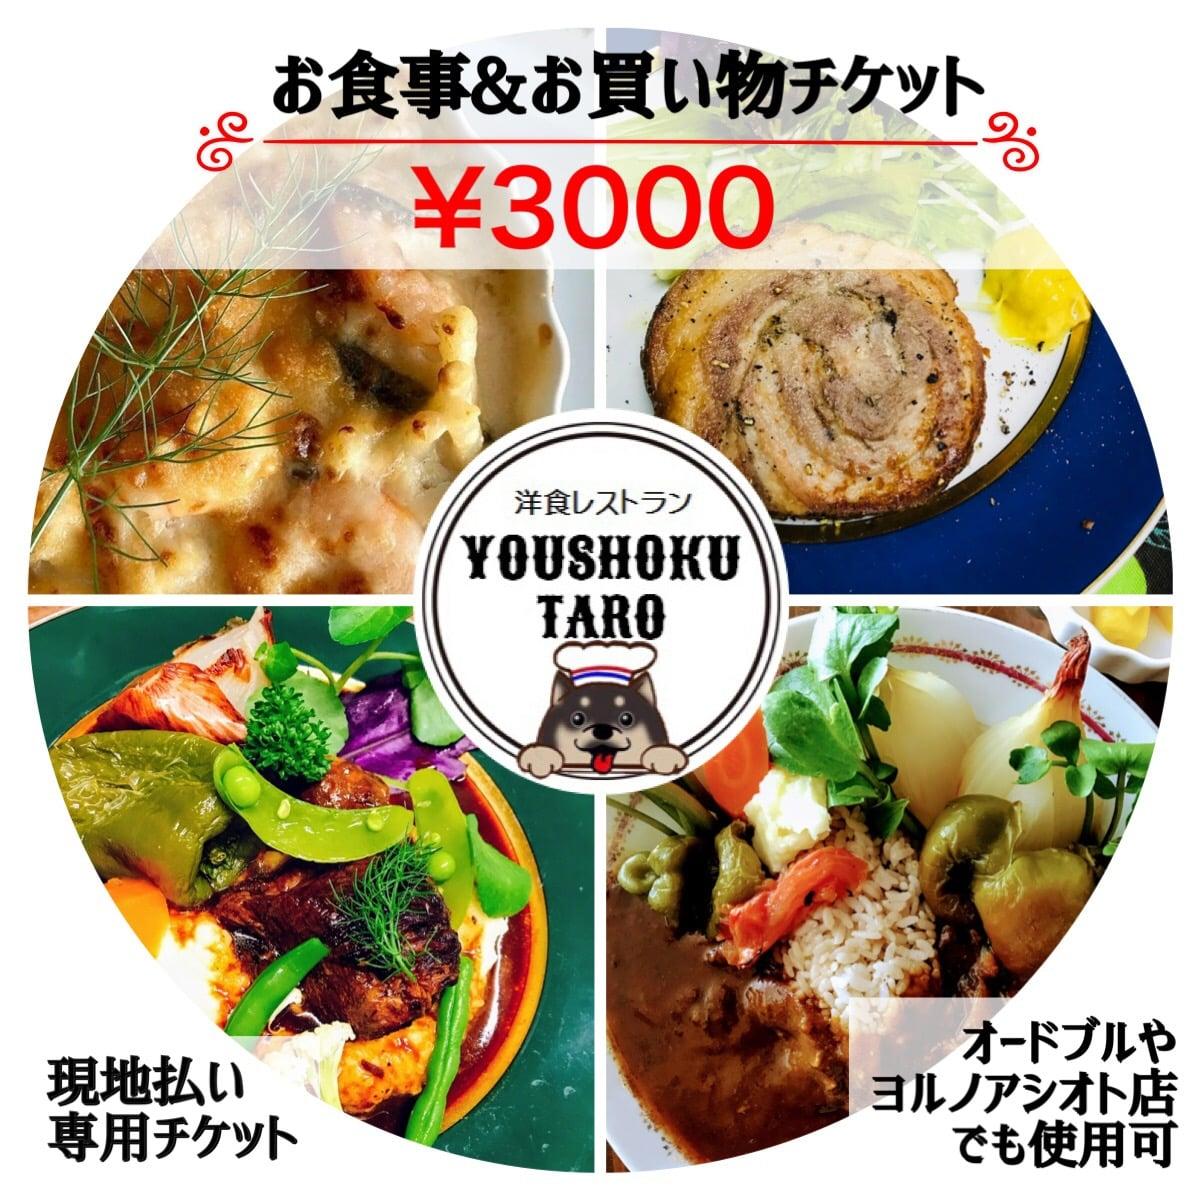 【現地払い専用】3000円お食事チケットのイメージその1